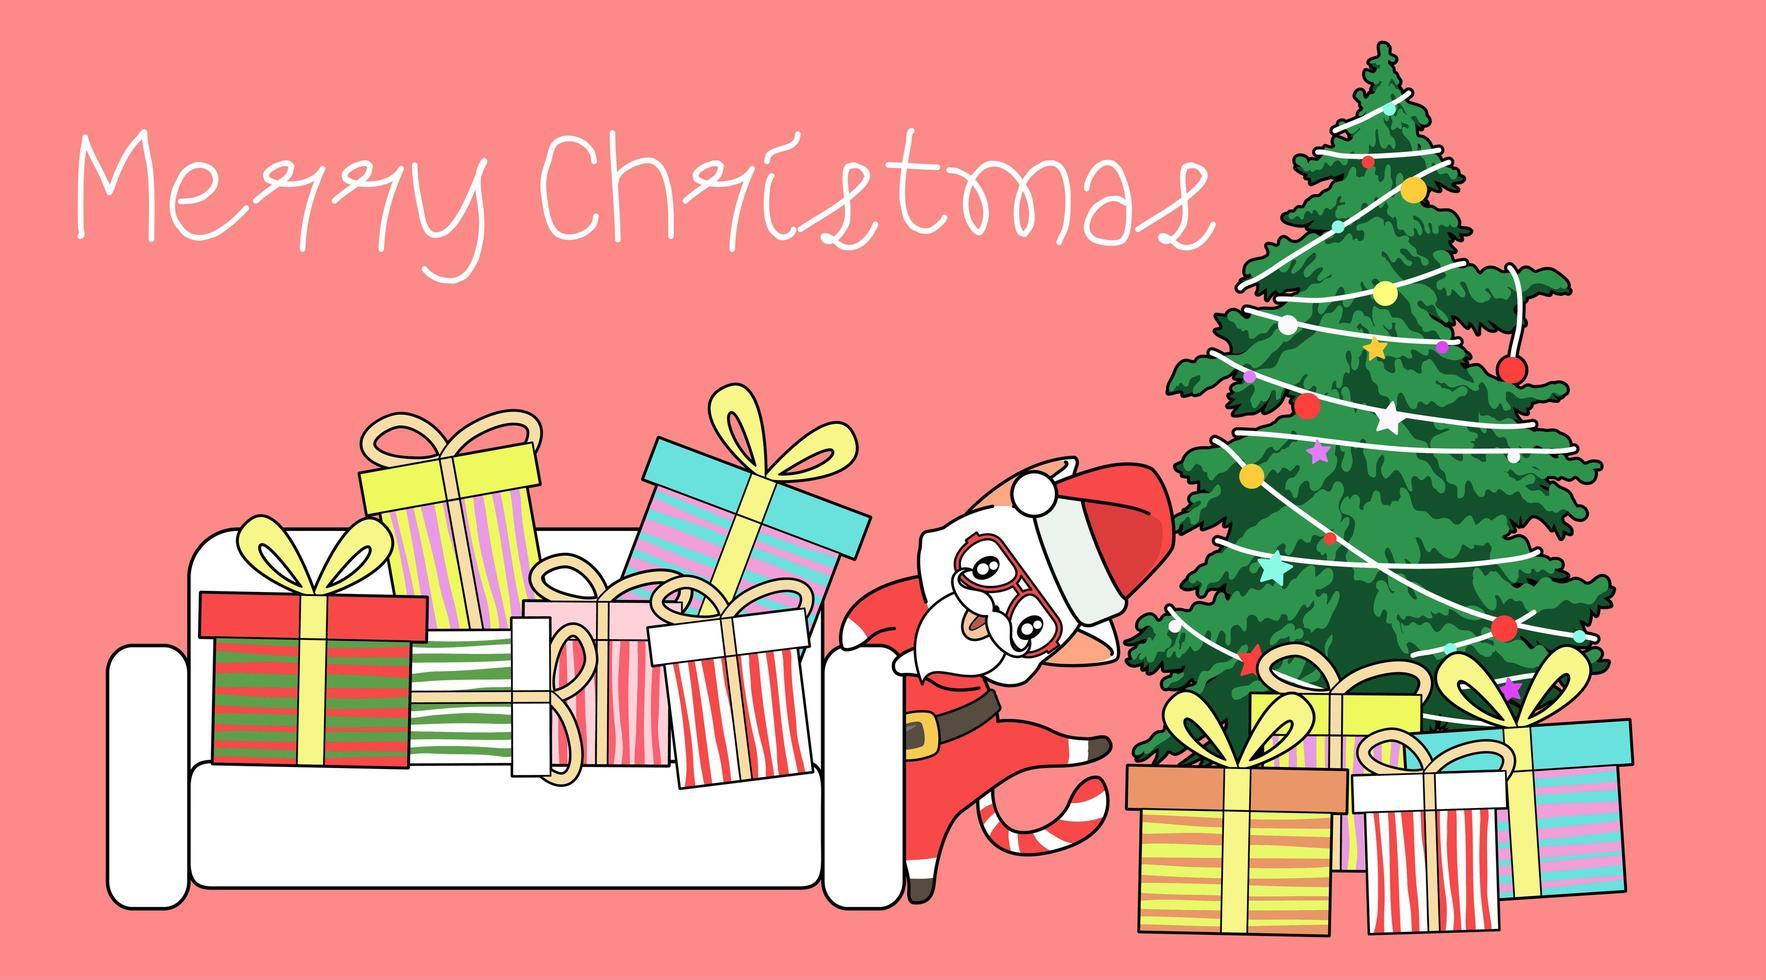 gato de Papá Noel bailando alrededor del árbol de navidad y regalos vector